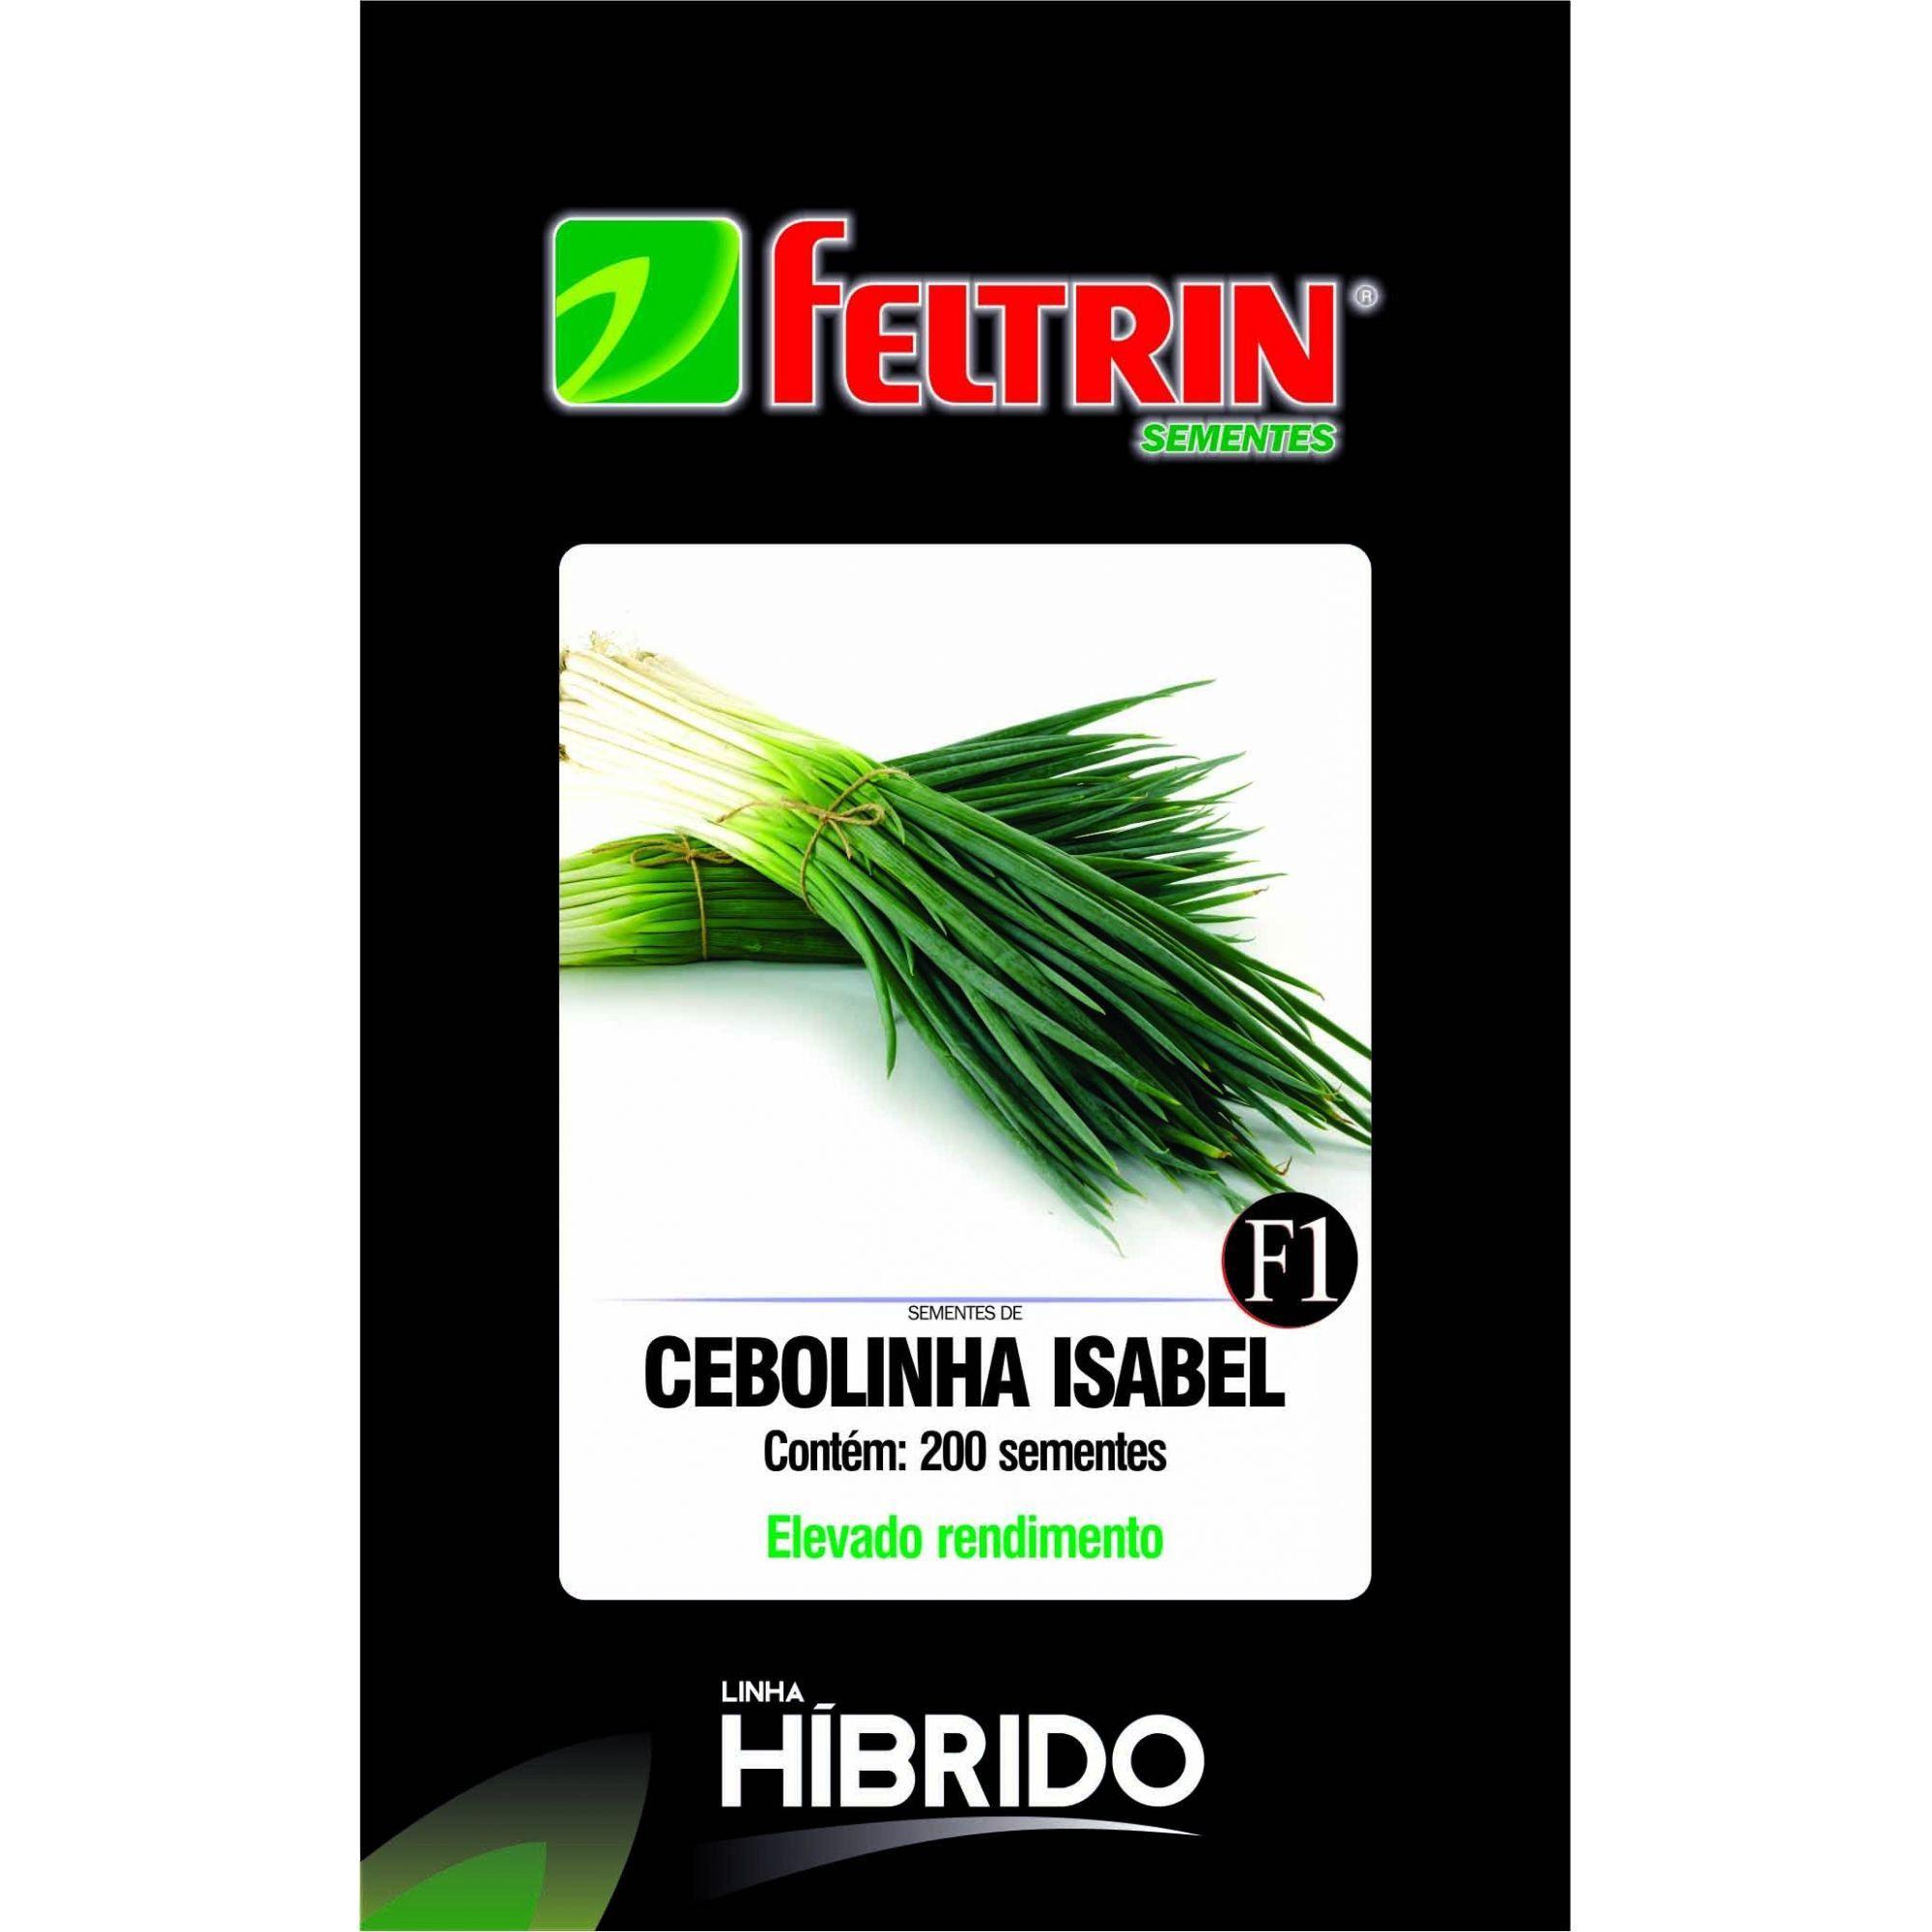 Sementes de Cebolinha Isabel com 200 sementes - Feltrin Linha Híbrido